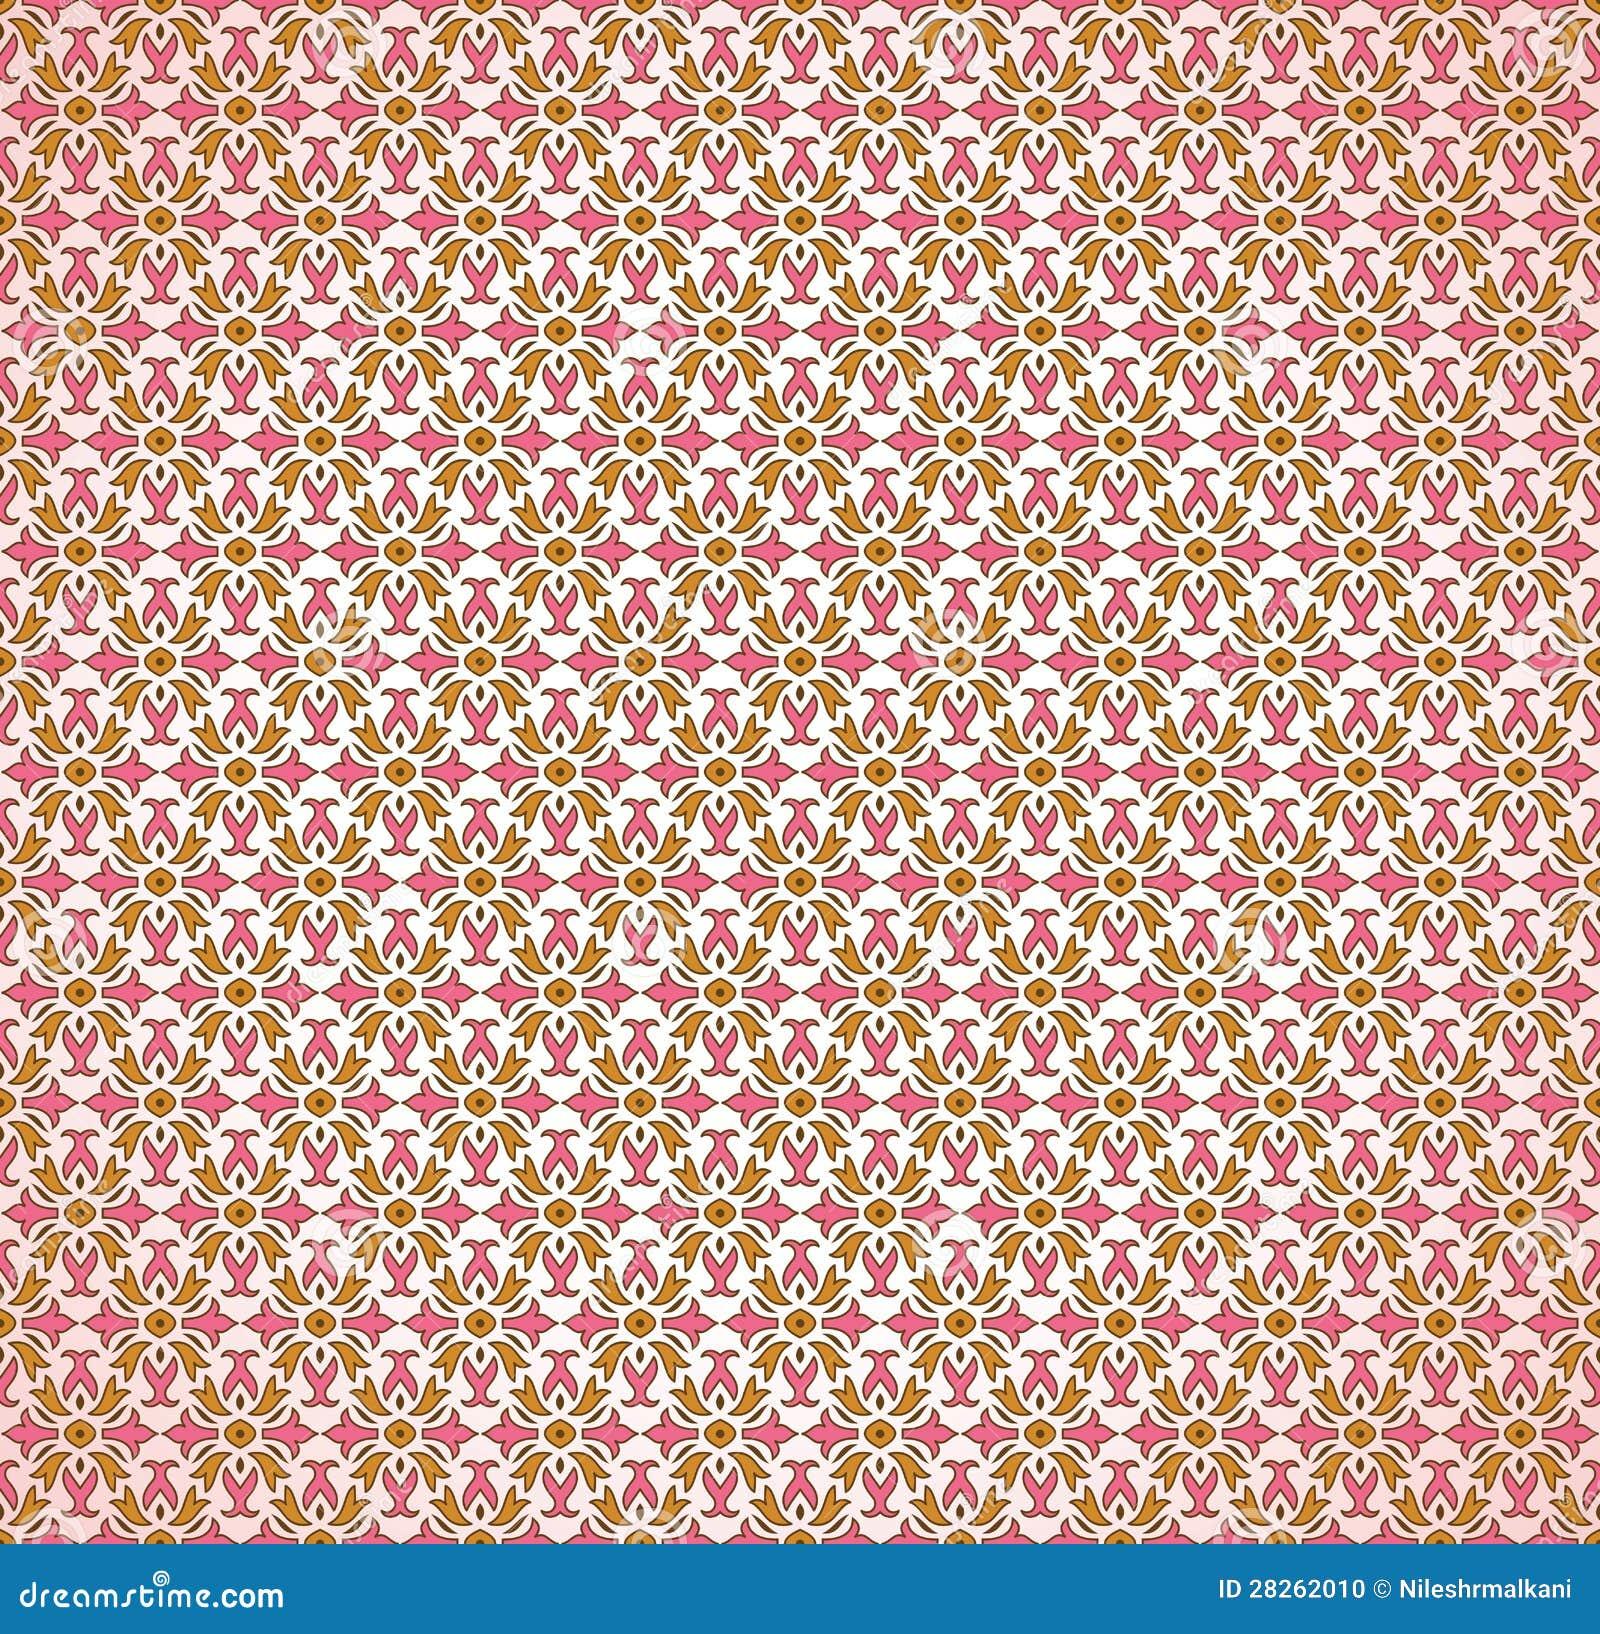 papier peint d coratif rose sans joint photo stock image 28262010. Black Bedroom Furniture Sets. Home Design Ideas